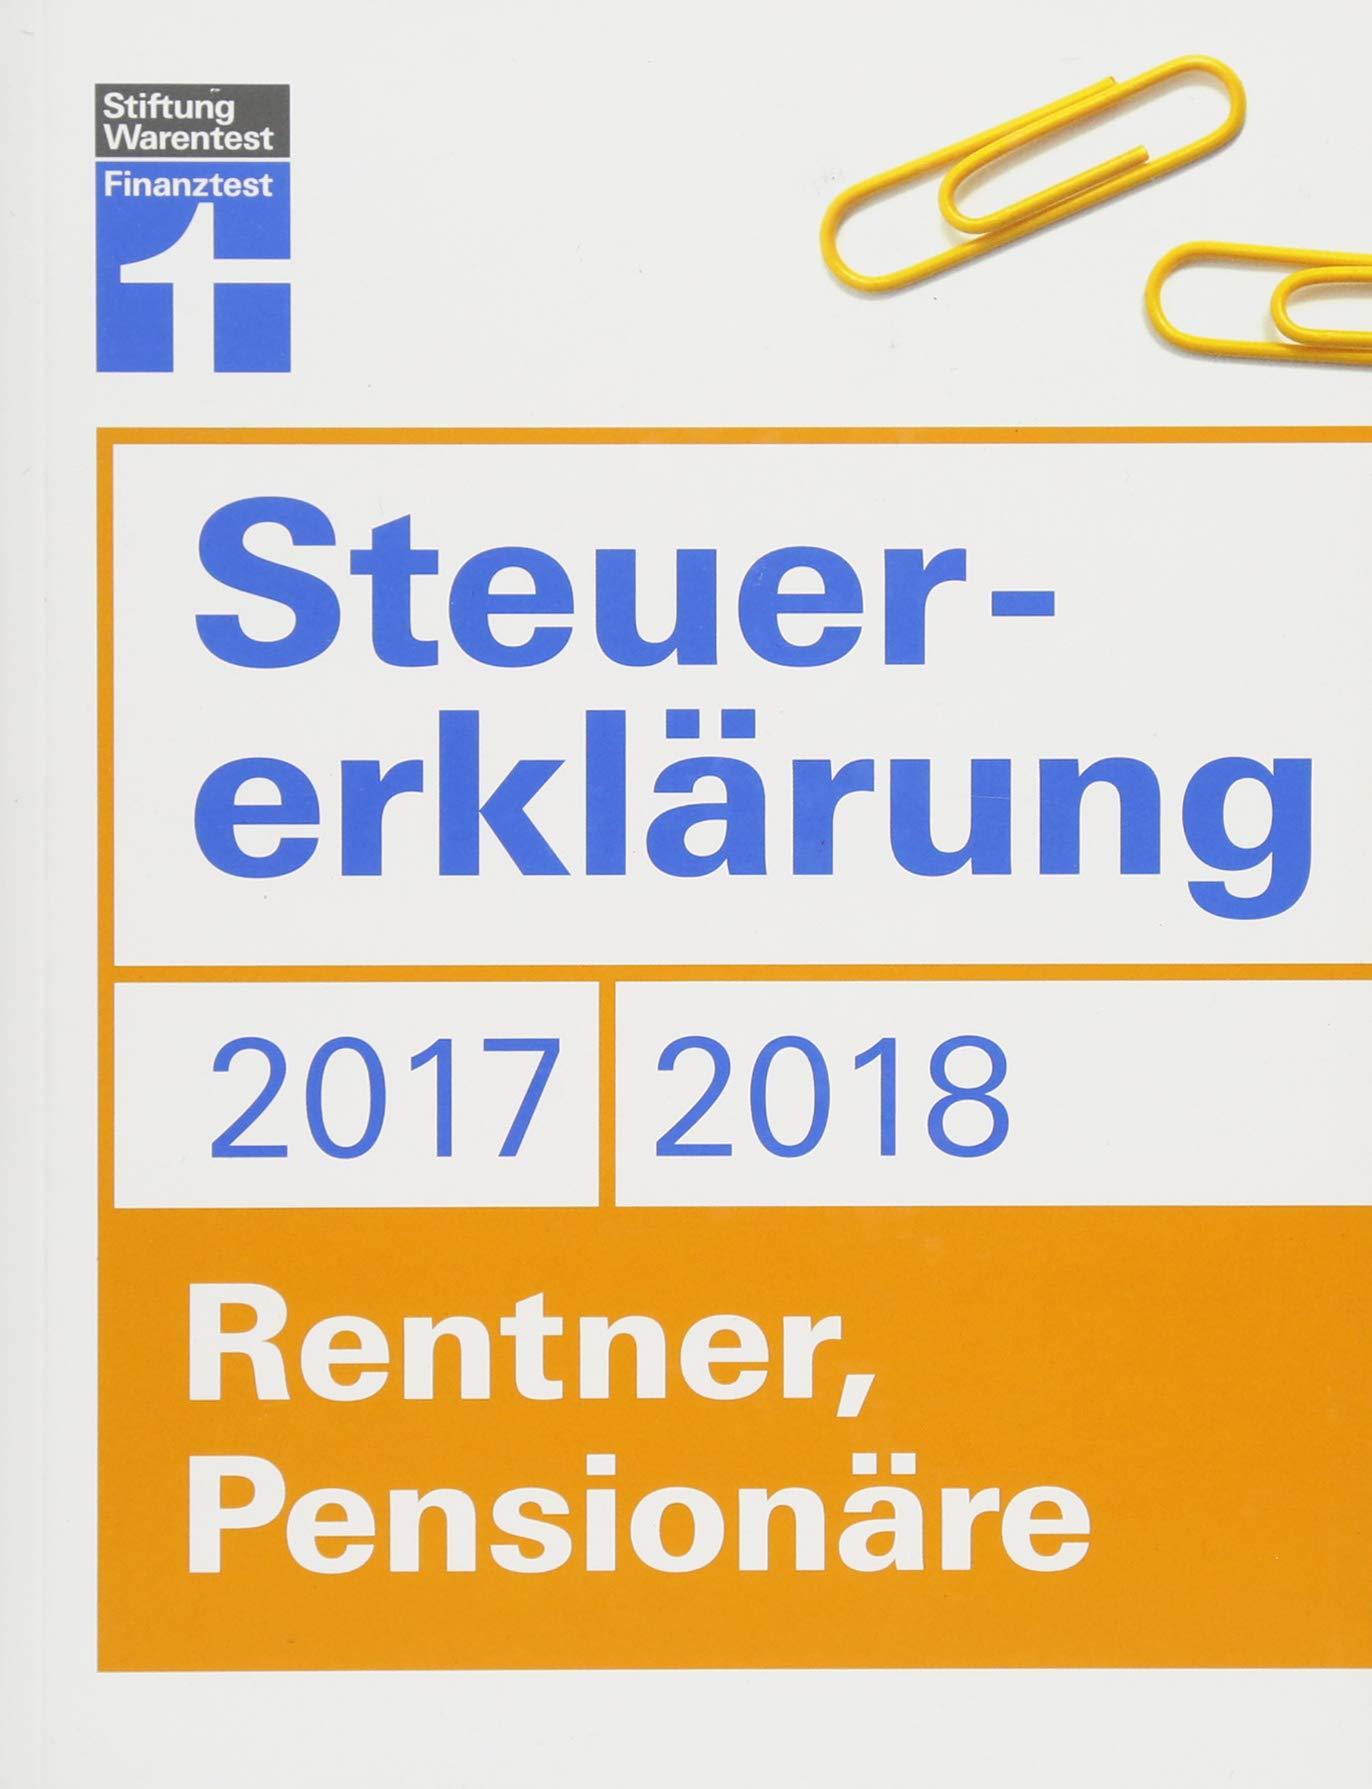 Steuererklärung 2017/2018 - Rentner, Pensionäre: Steuern sparen im Ruhestand